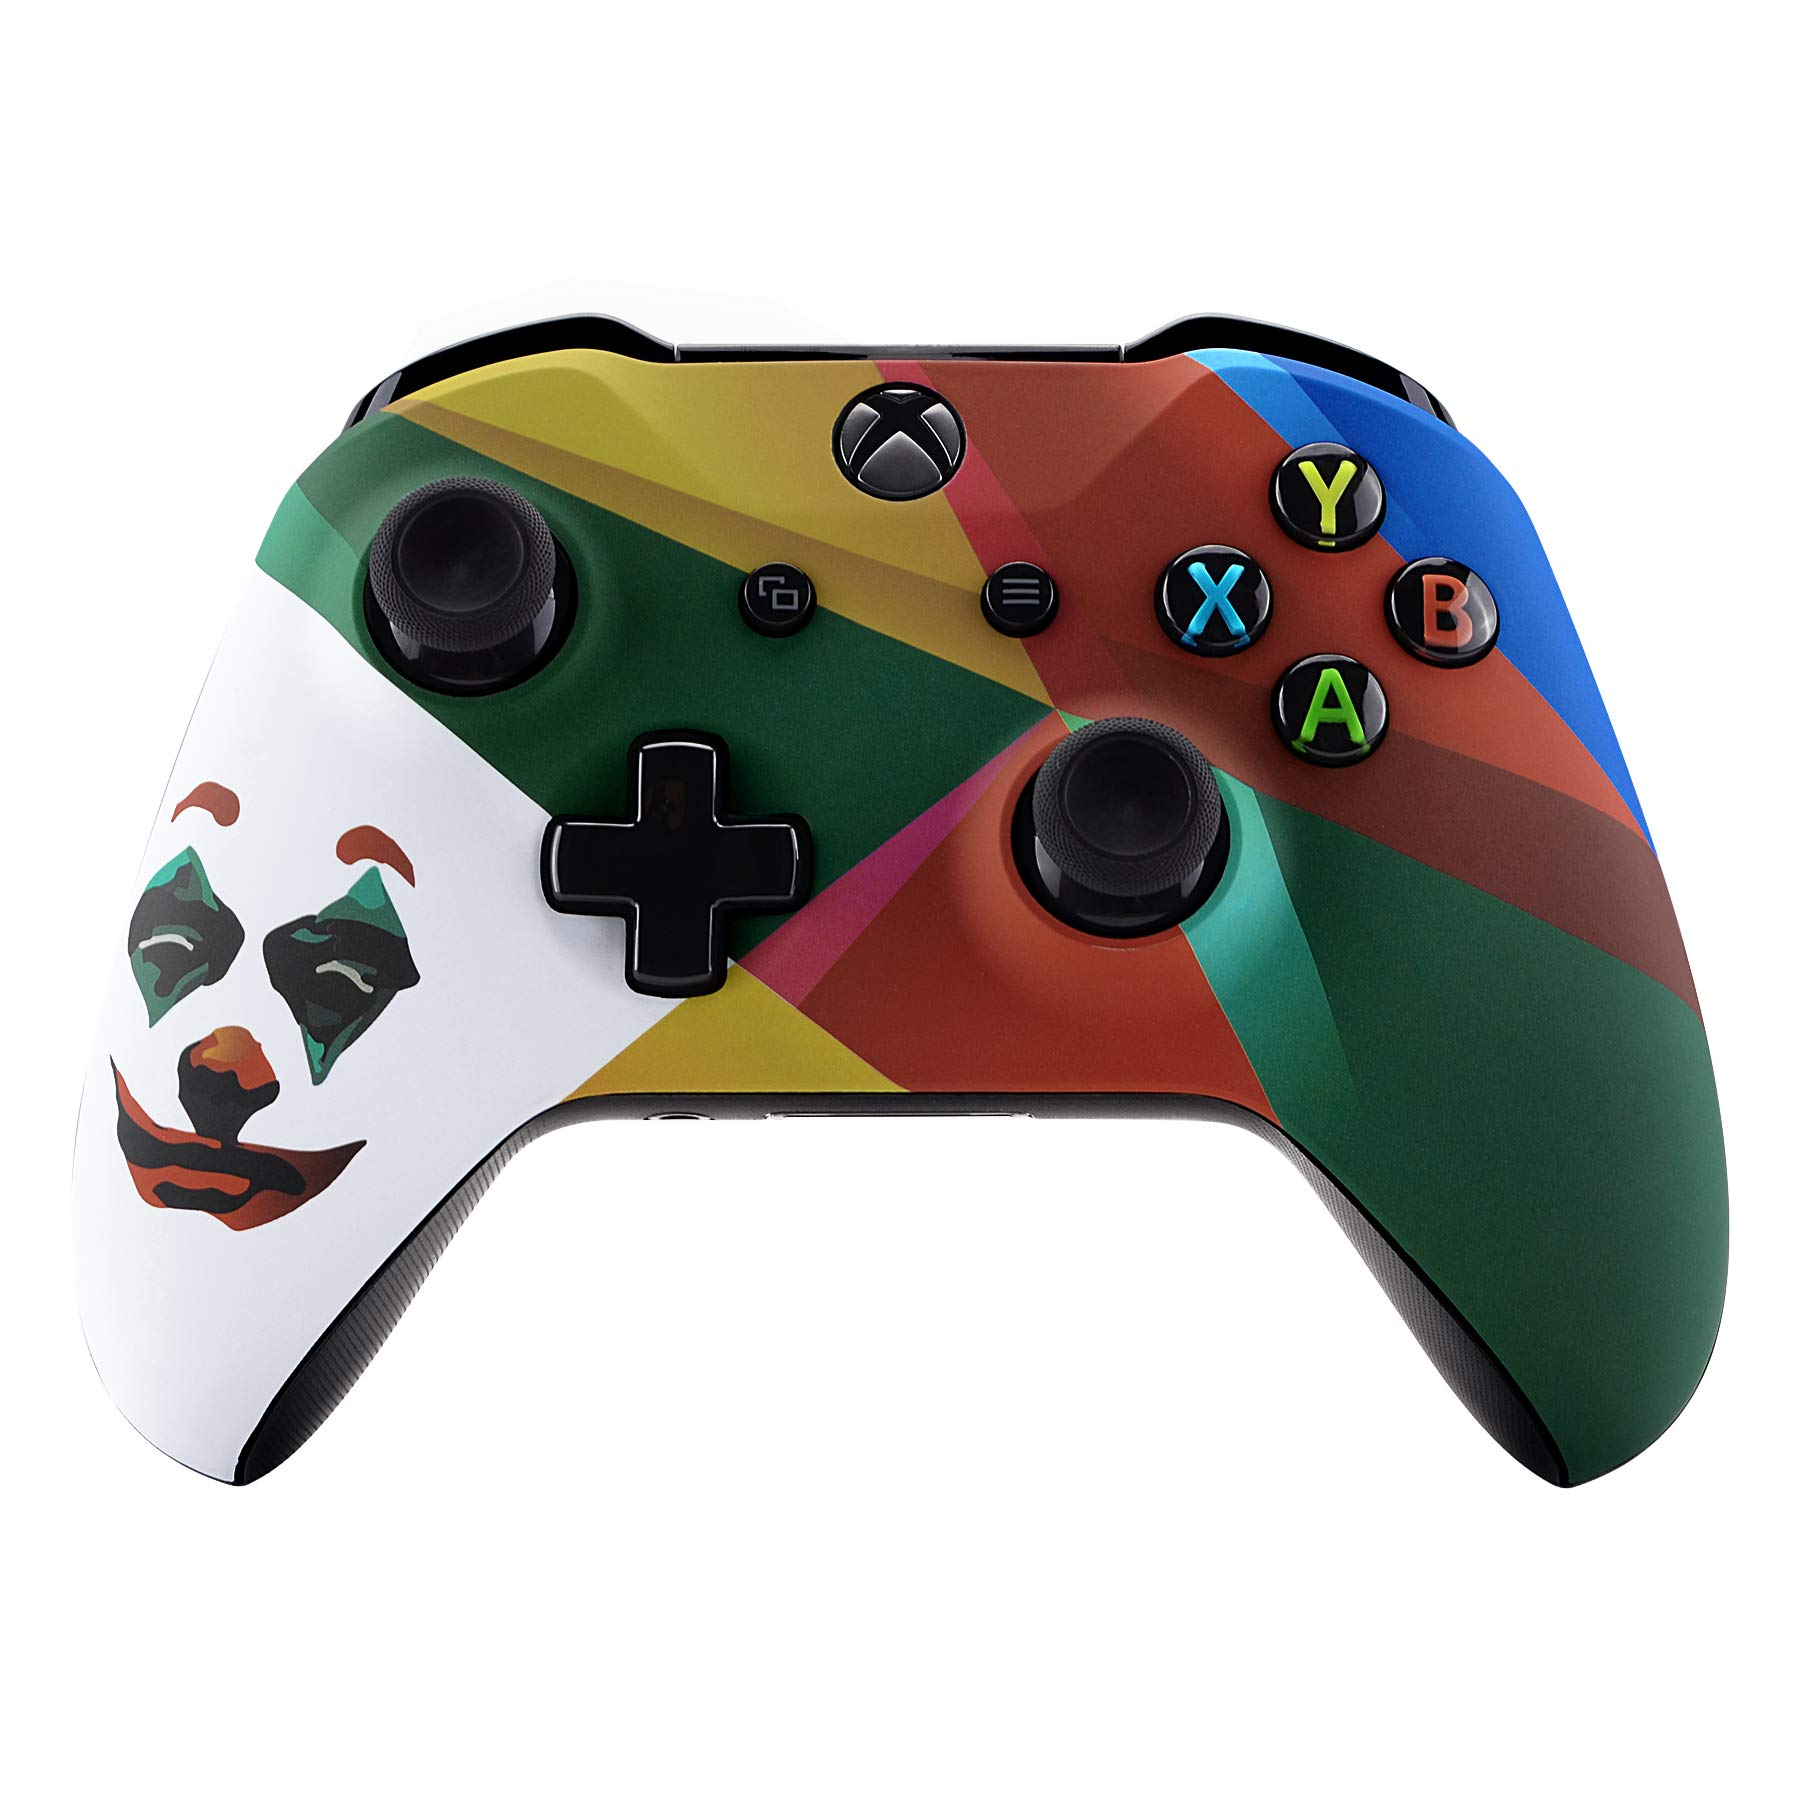 eXtremeRate Carcasa para Mando Xbox One Placa Delantera Funda Frontal Housing Cover Case Tacto Suave Shell Faceplate Repuestos para Controlador Xbox One S&One X-Model 1708(Payaso Nuevo): Amazon.es: Electrónica